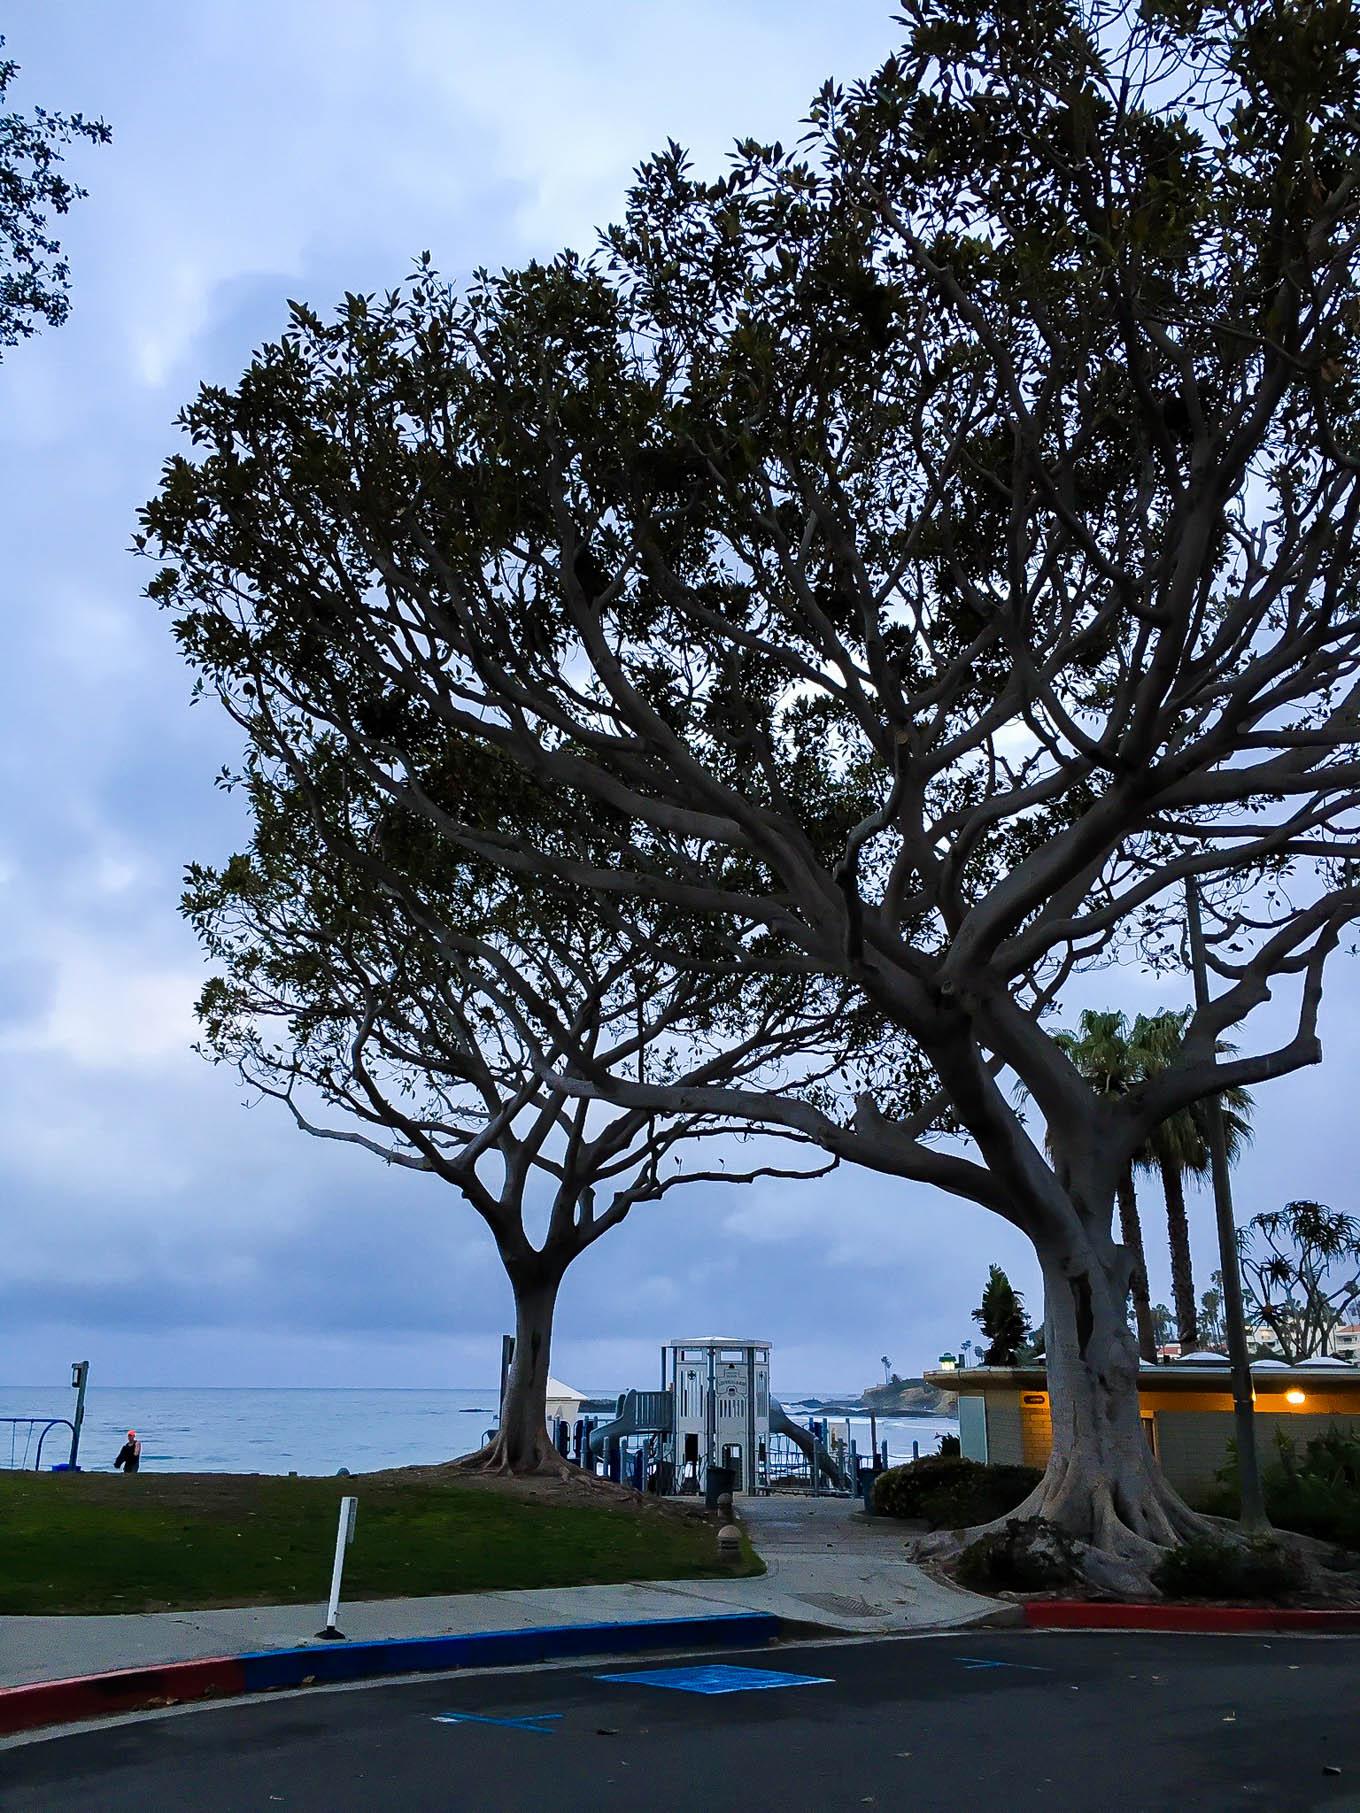 laguna beach 2016 | immaEATthat.com